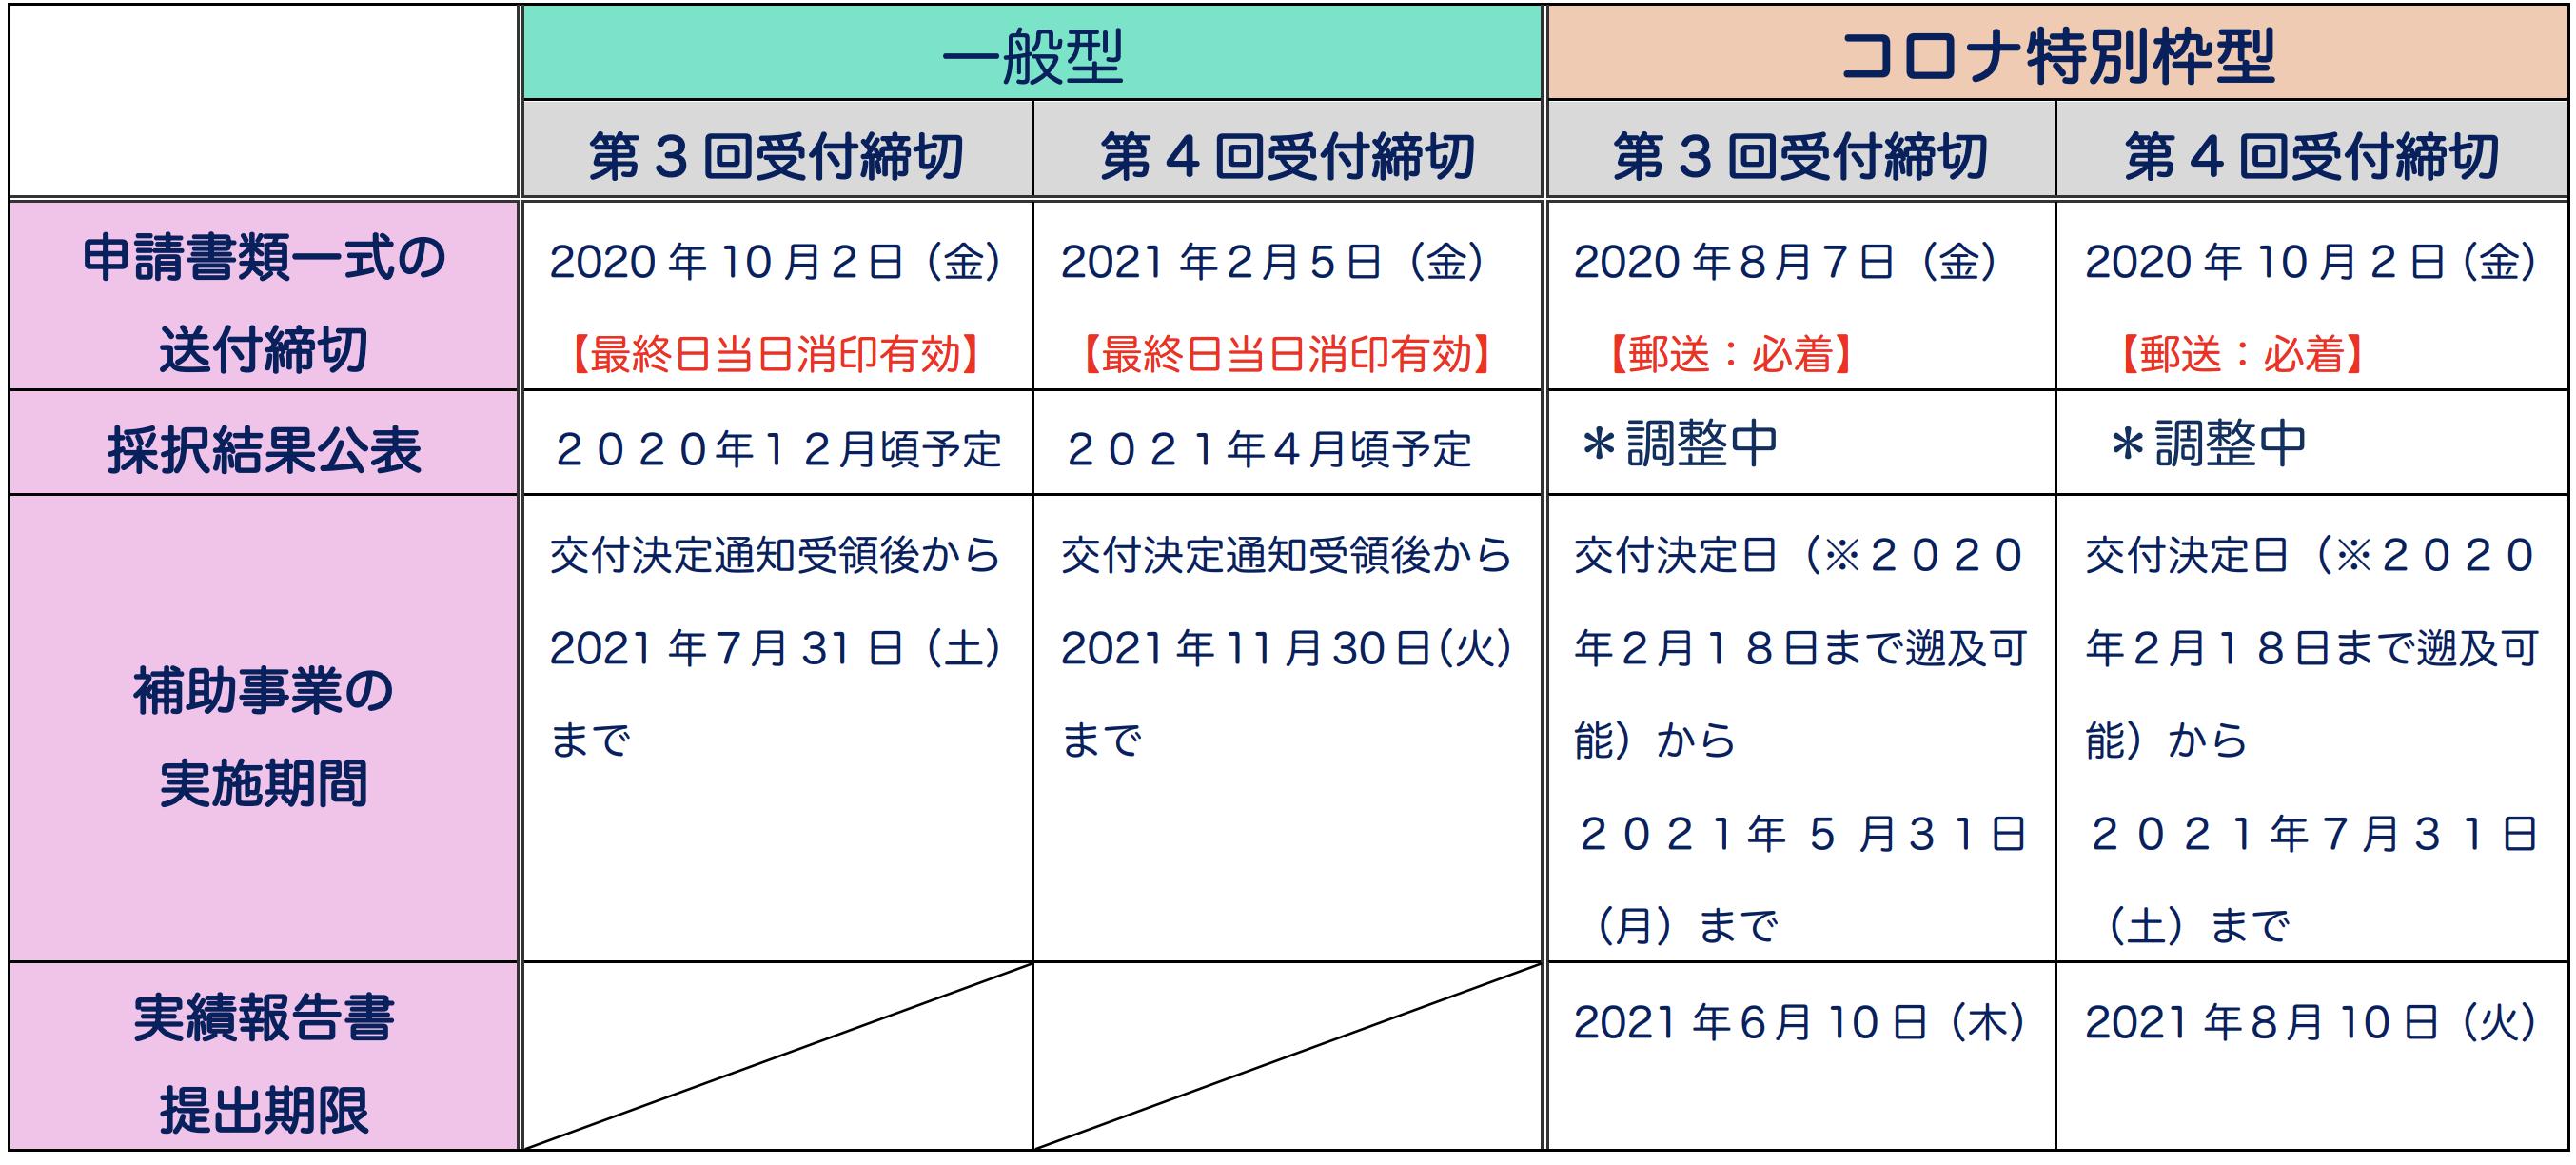 持続化補助金スケジュール